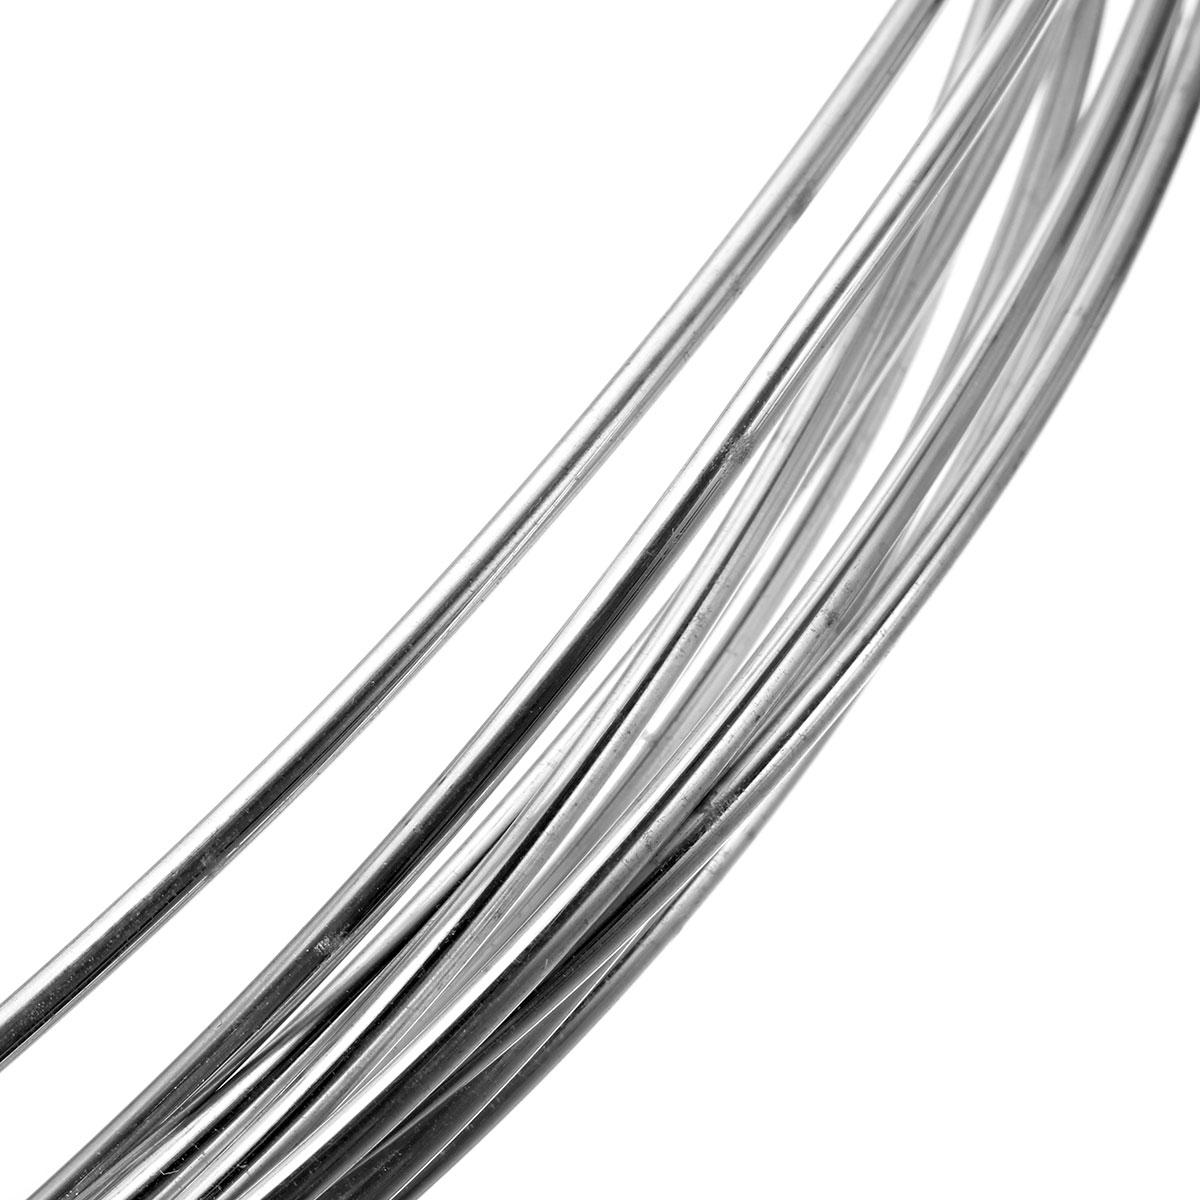 10pcs 2mmx100cm Hypothermia Low Temperature Aluminium